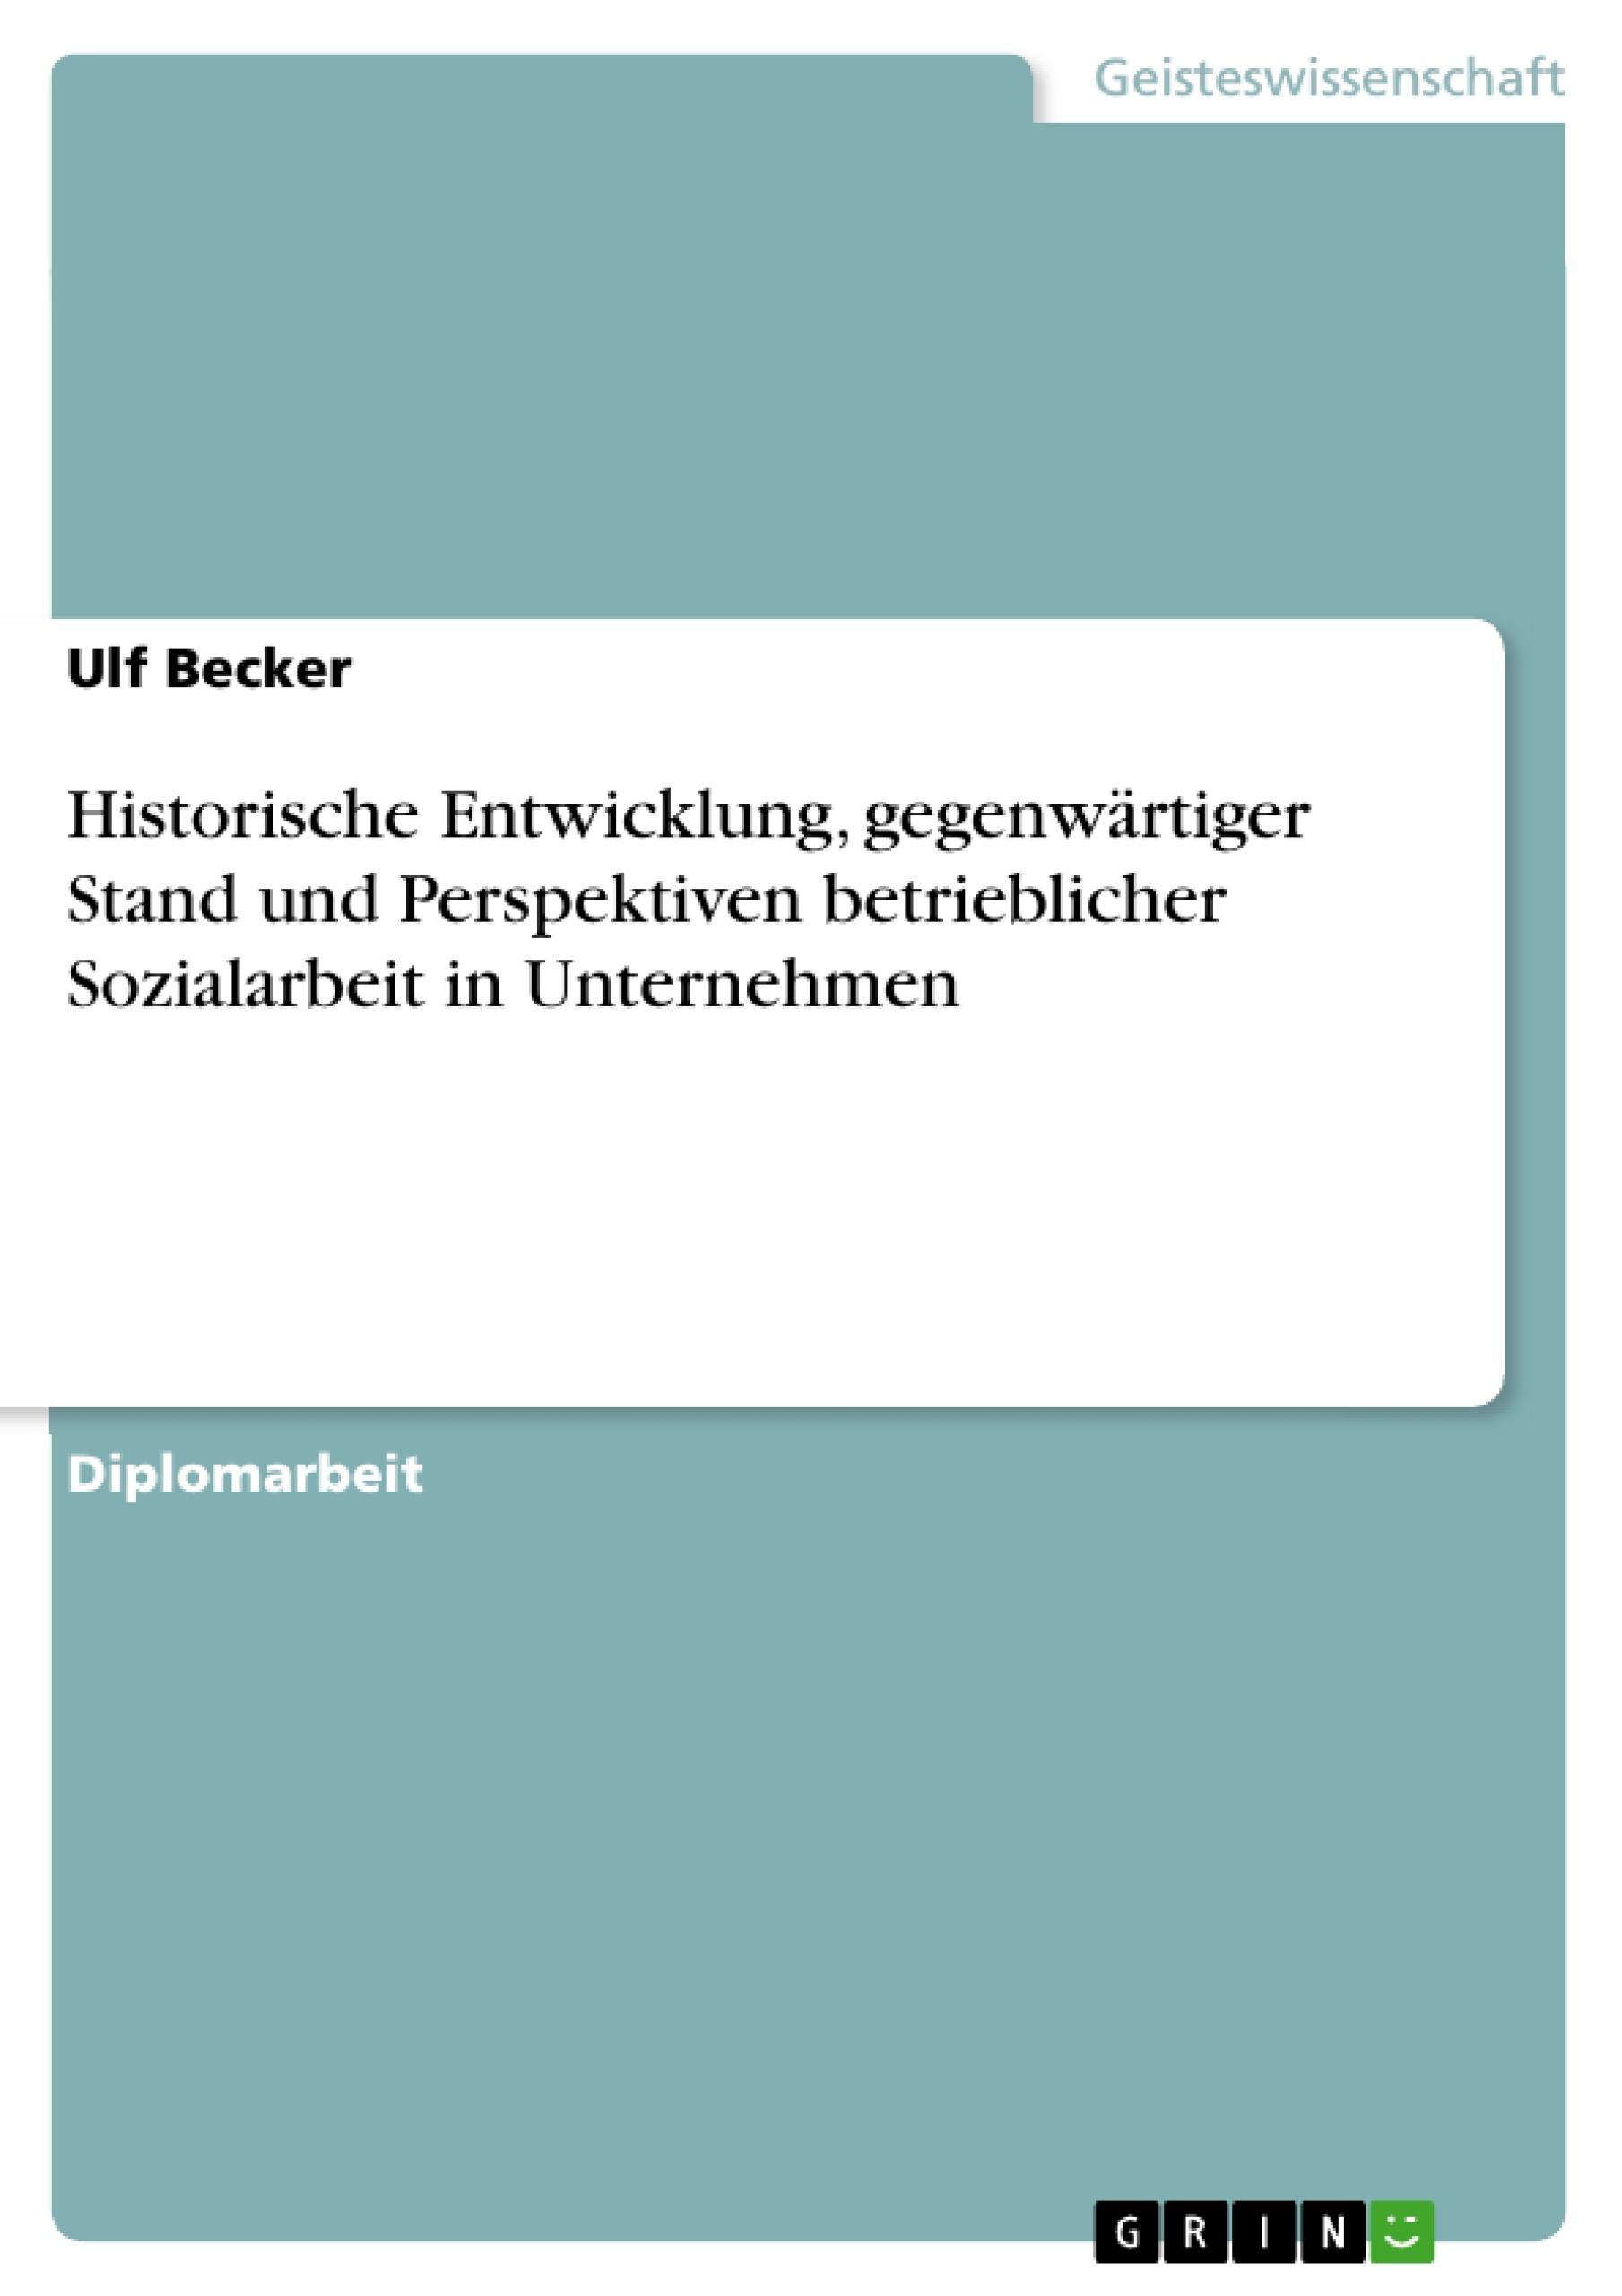 Titel: Historische Entwicklung, gegenwärtiger Stand und Perspektiven betrieblicher Sozialarbeit in Unternehmen